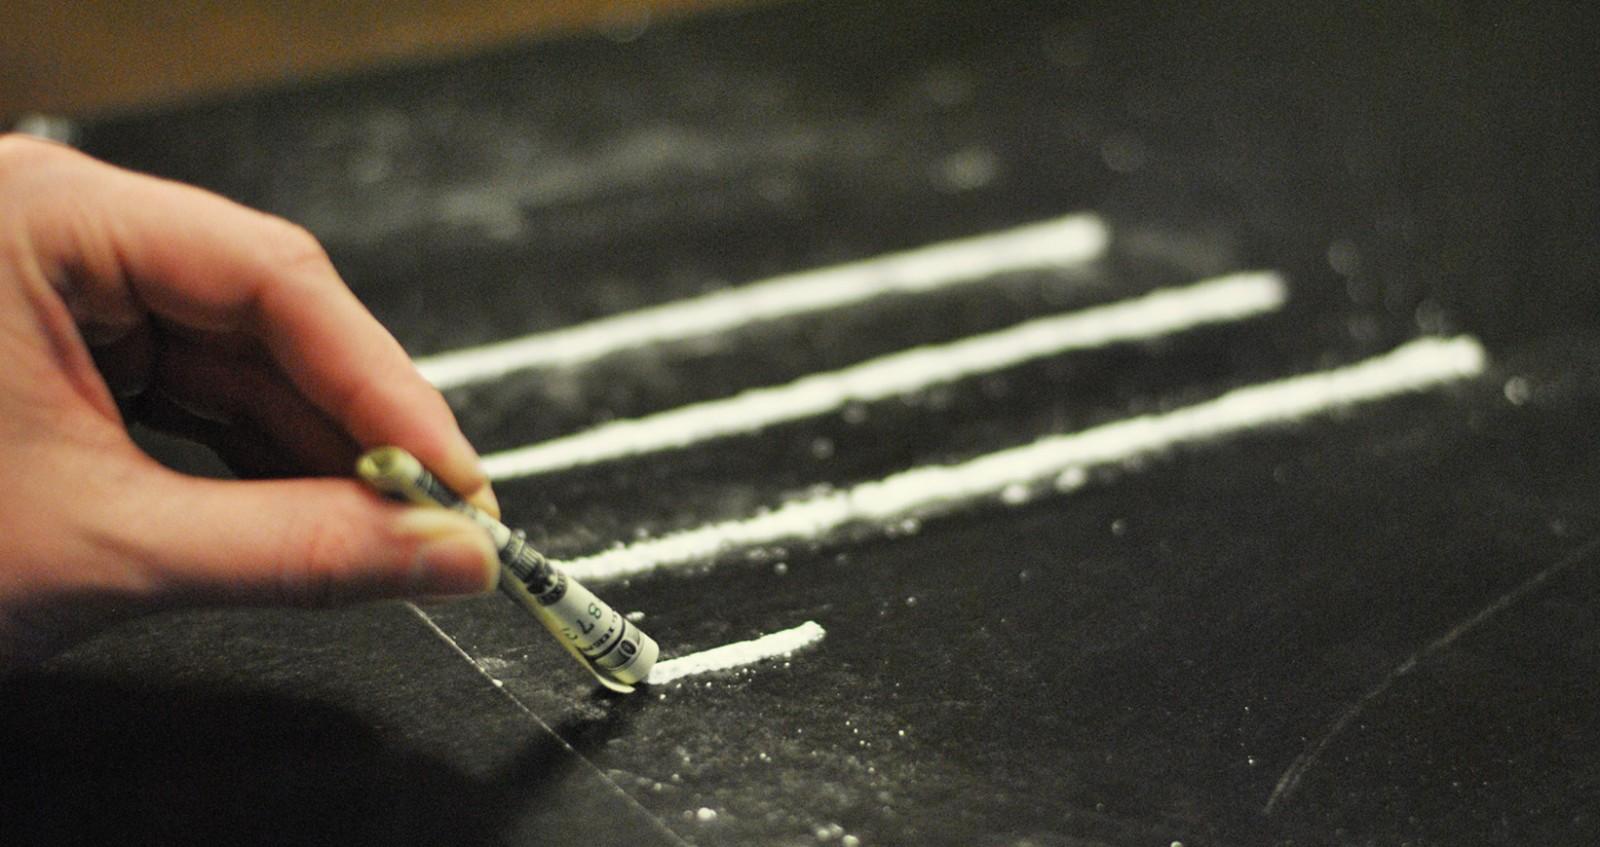 Хранение наркотиков и ответственность по УК РФ